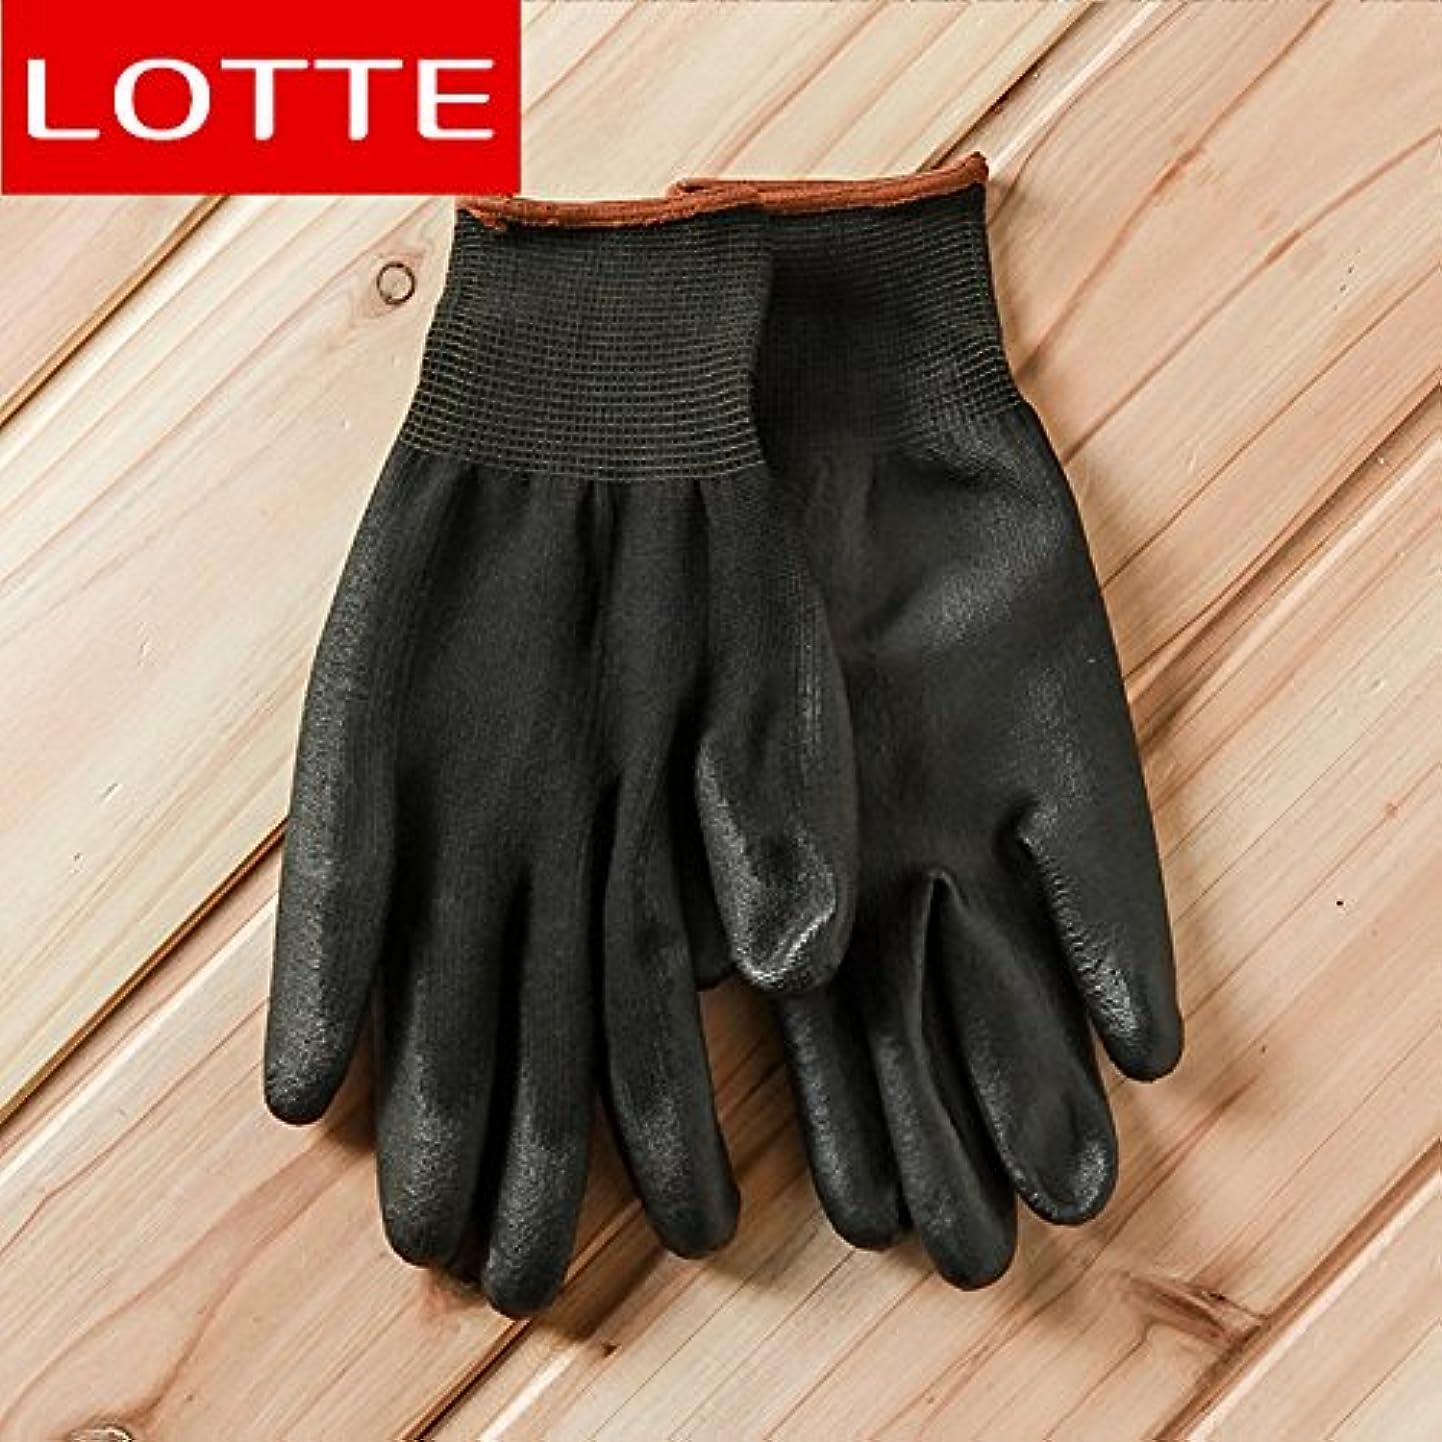 サイレンシャベル解釈するVBMDoM ロッテのPUパームコーティング作業手袋(黒/大) x 3つ [並行輸入品]